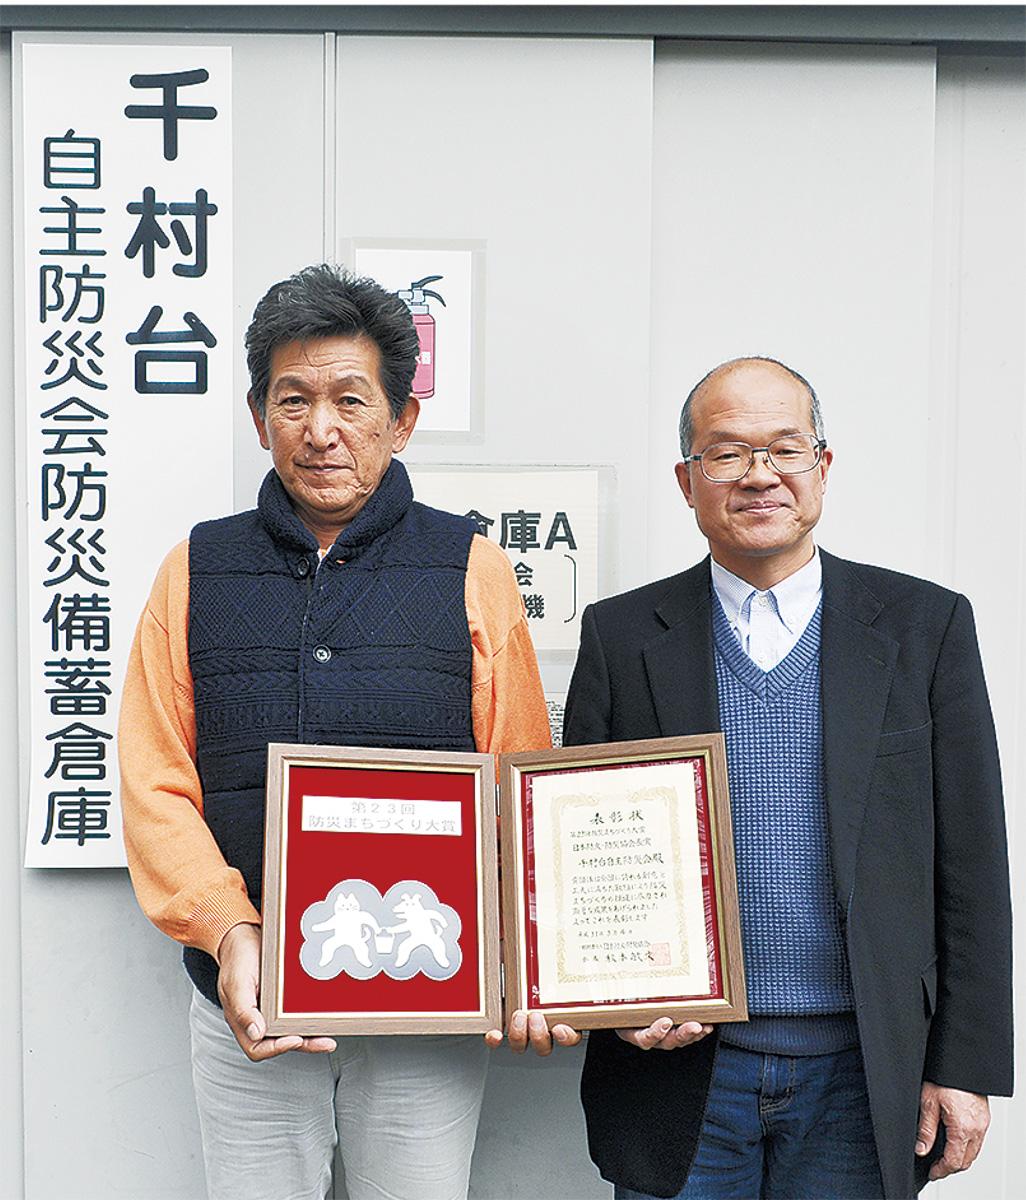 千村台自主防災会の望月さん(左)と原田さん(右)